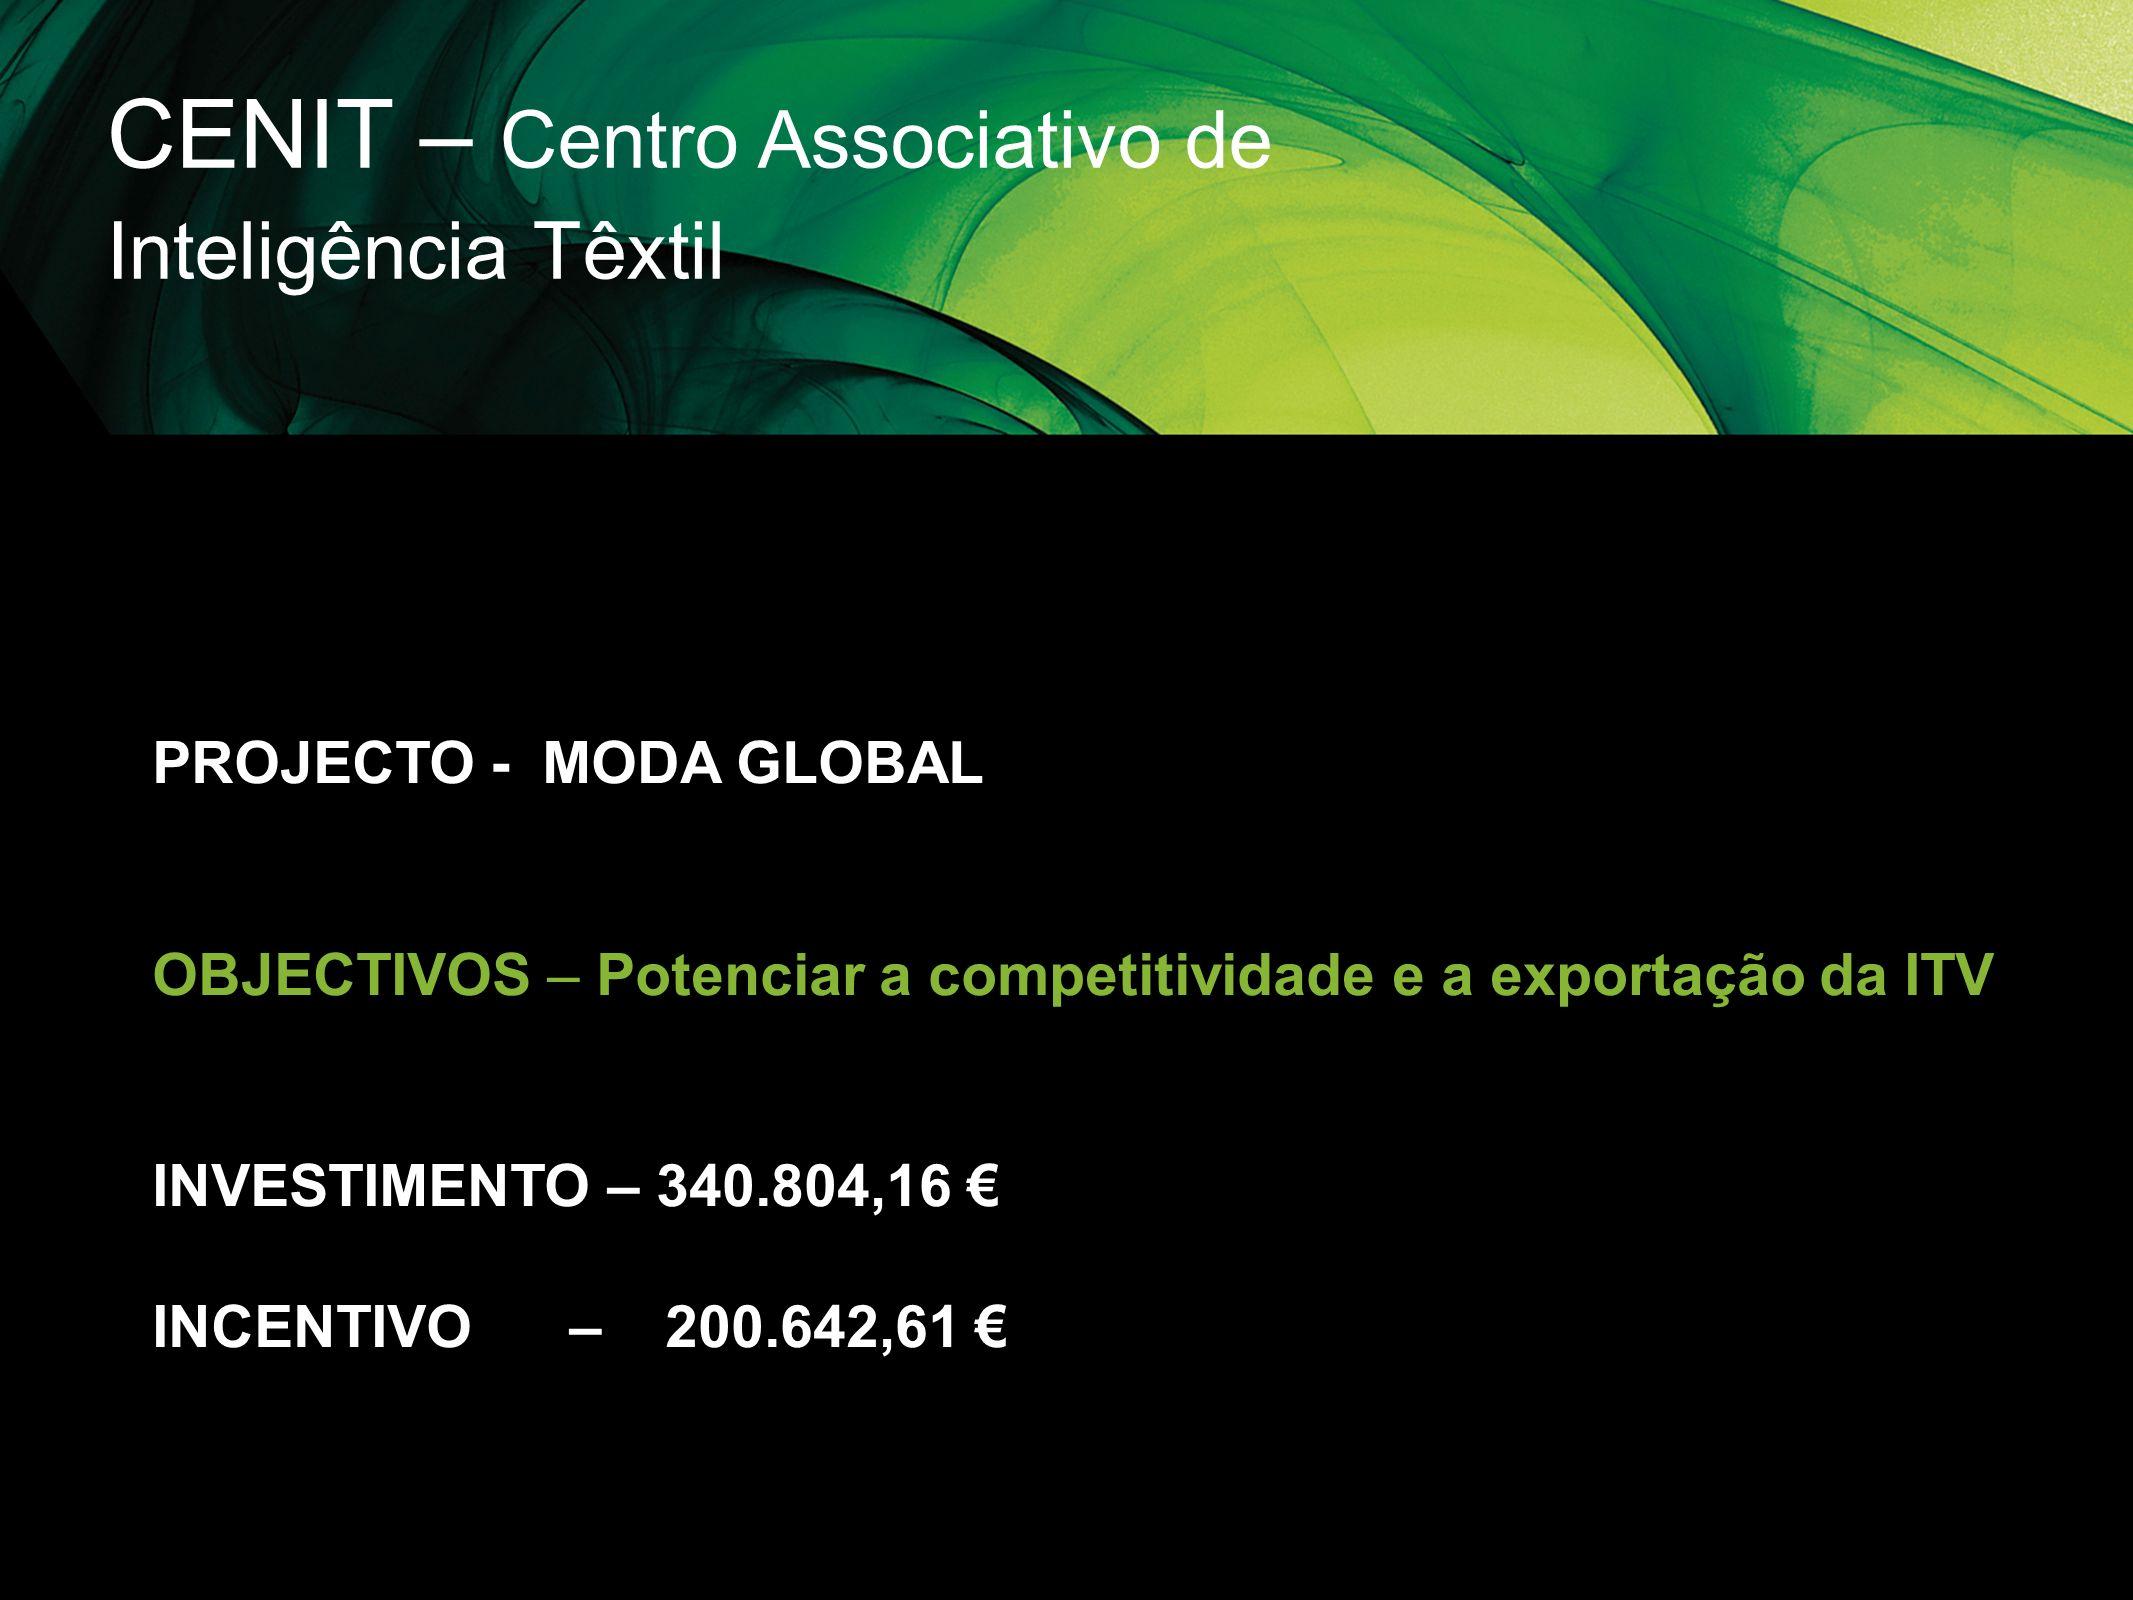 CENIT – Centro Associativo de Inteligência Têxtil PROJECTO - MODA GLOBAL OBJECTIVOS – Potenciar a competitividade e a exportação da ITV INVESTIMENTO –